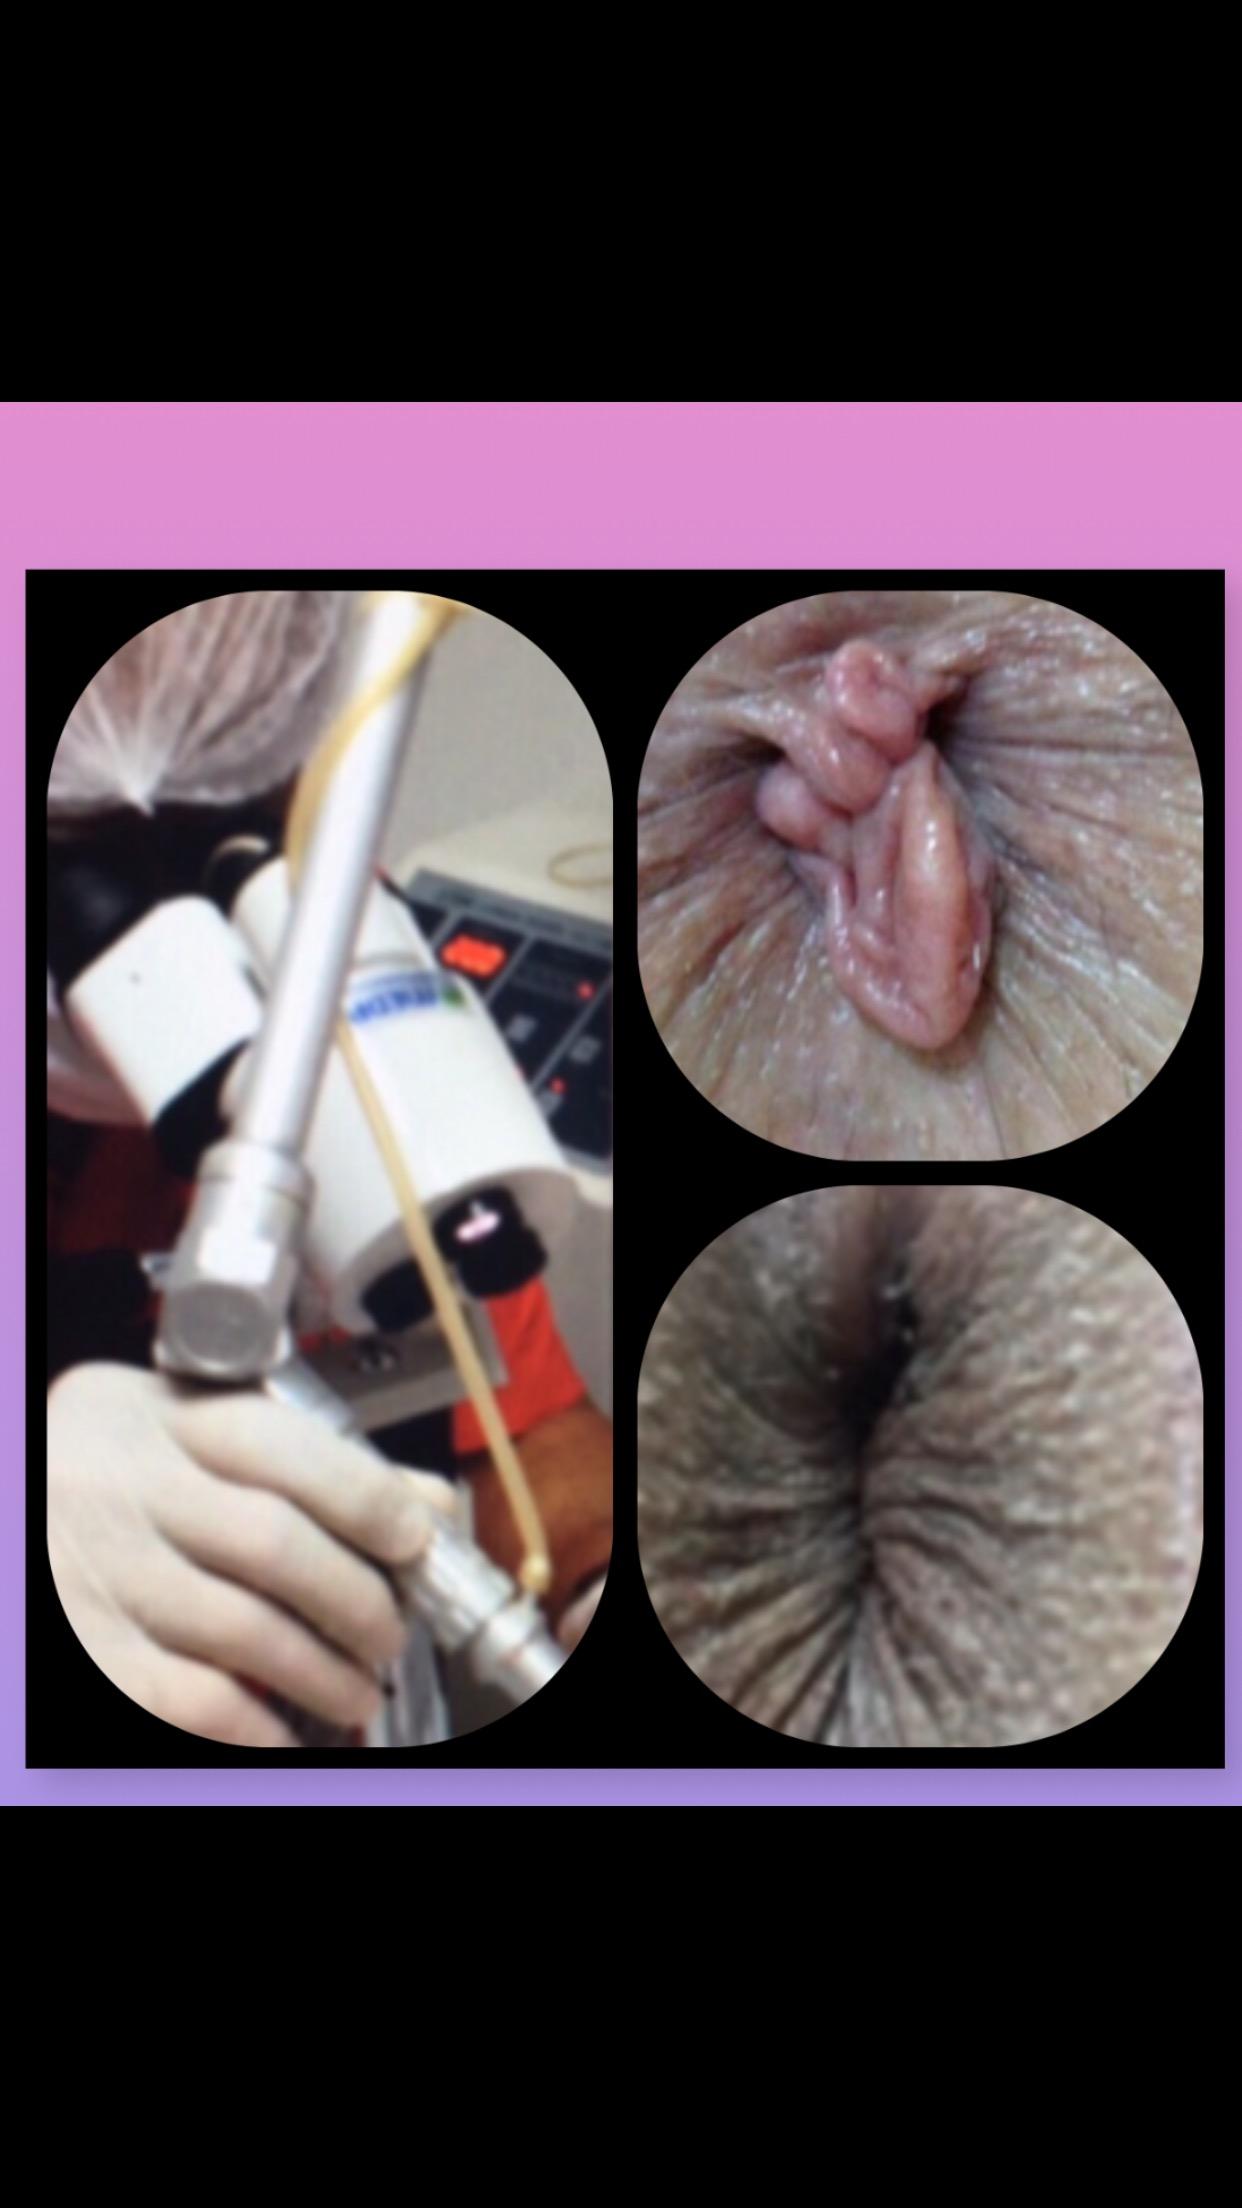 plicoma ou pelinha perianal que causa coceira pelo uso do papel higiênico e constrangimento estético.